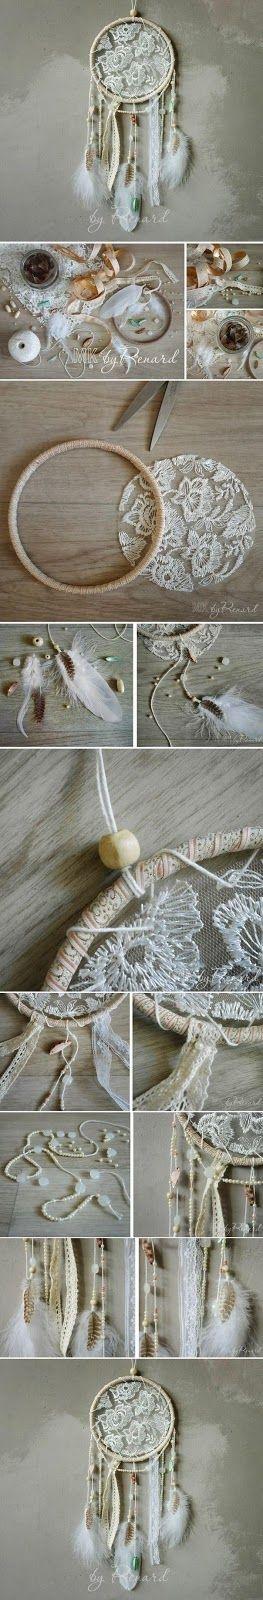 Artesanato com amor...by Lu Guimarães: Filtro dos Sonhos em crochê